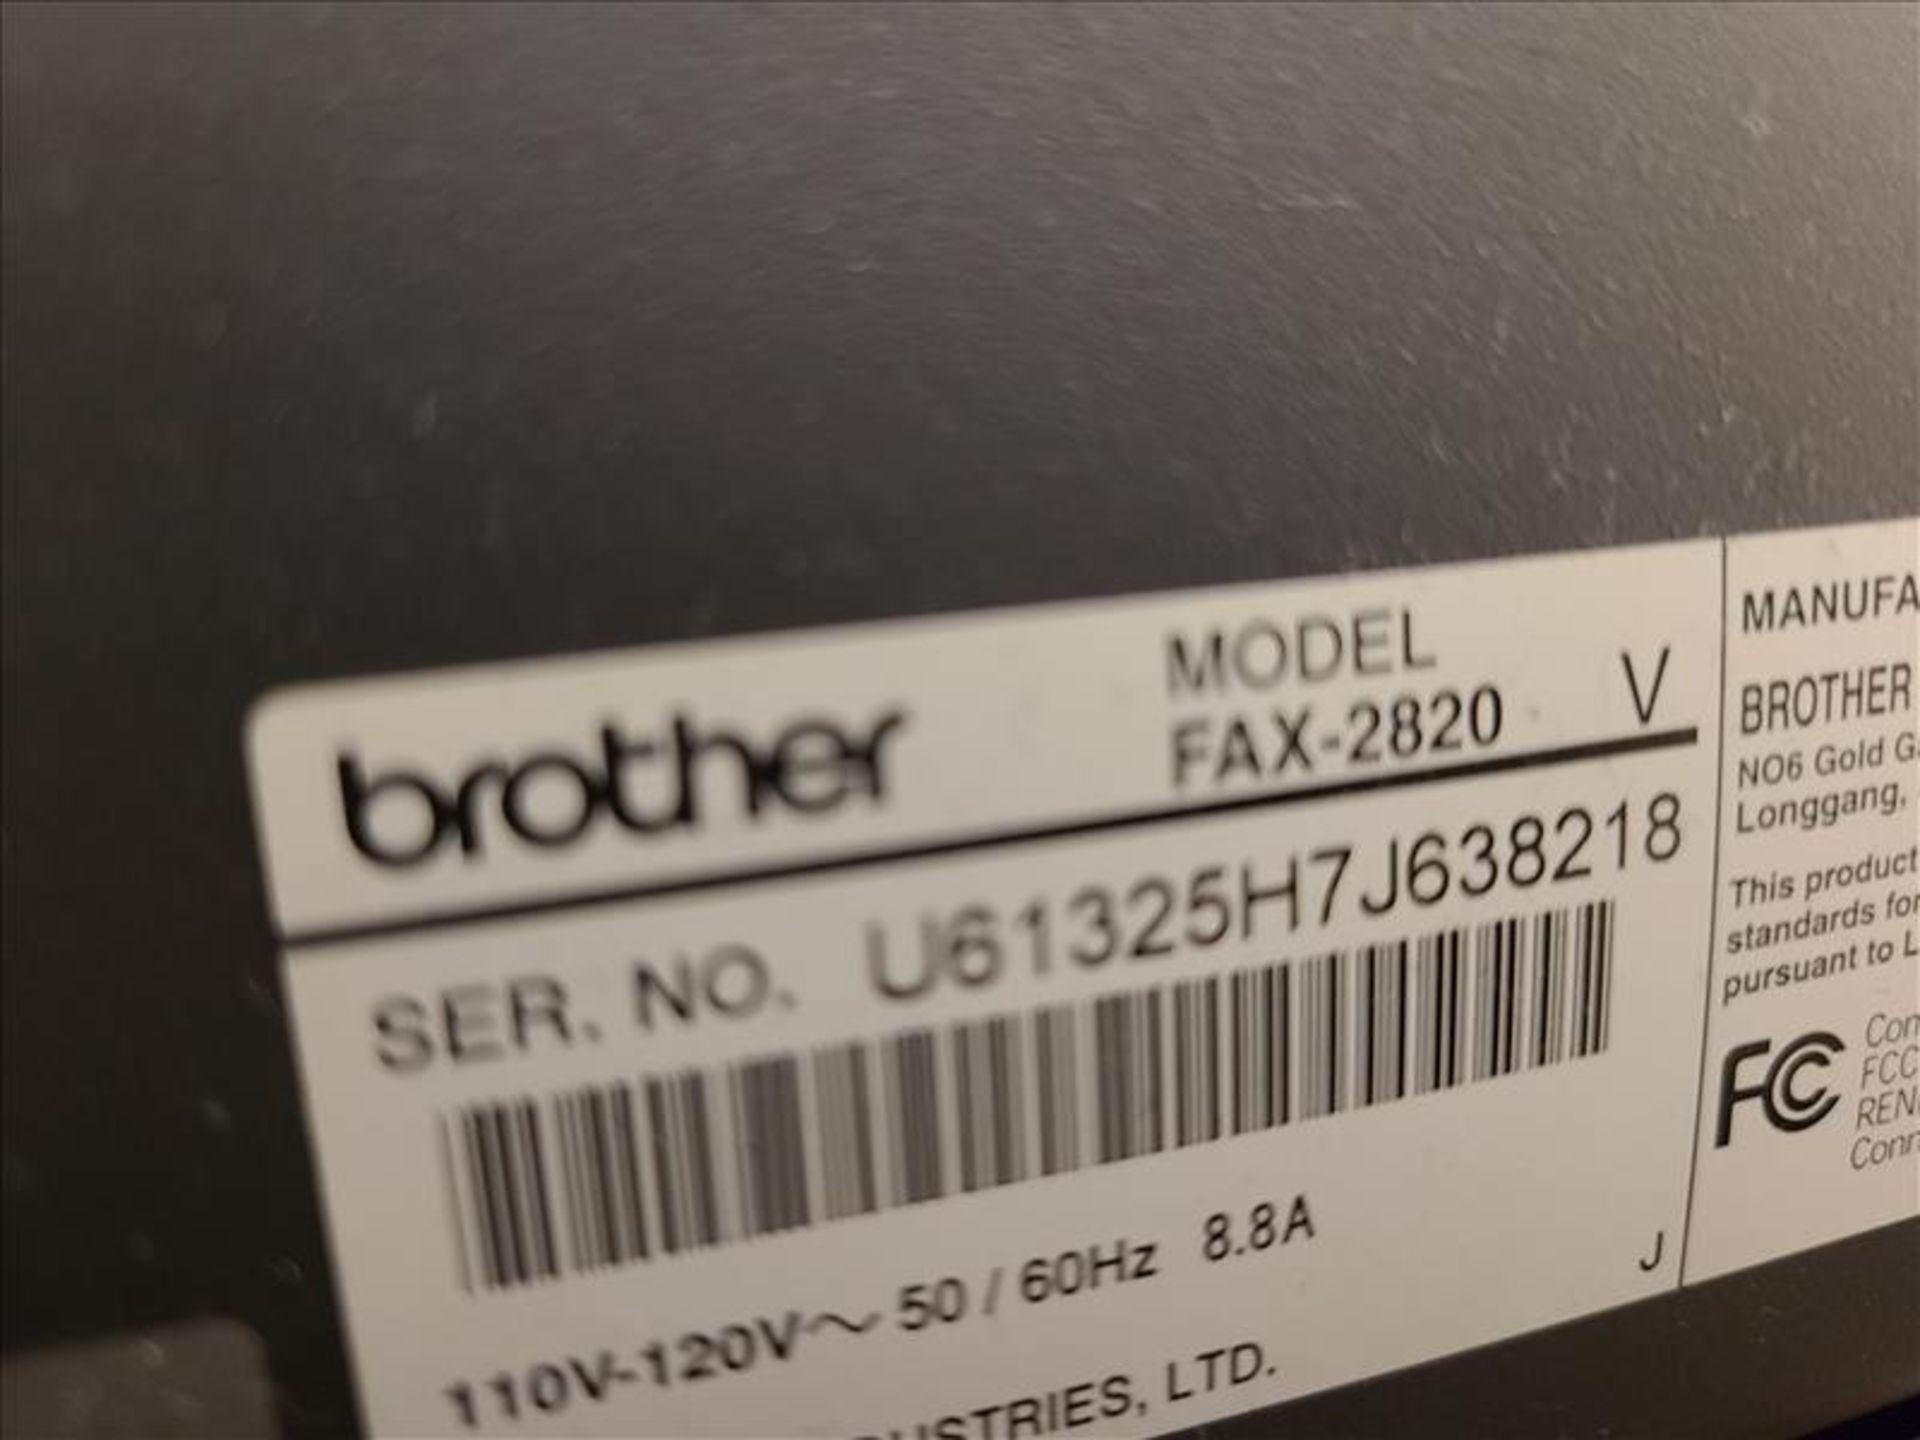 Brother Printer, model FAX-2820, S/N. U61325H7J638218 (2007) 110-120V, 50-60 Hz, 8.8 amps - Image 2 of 2